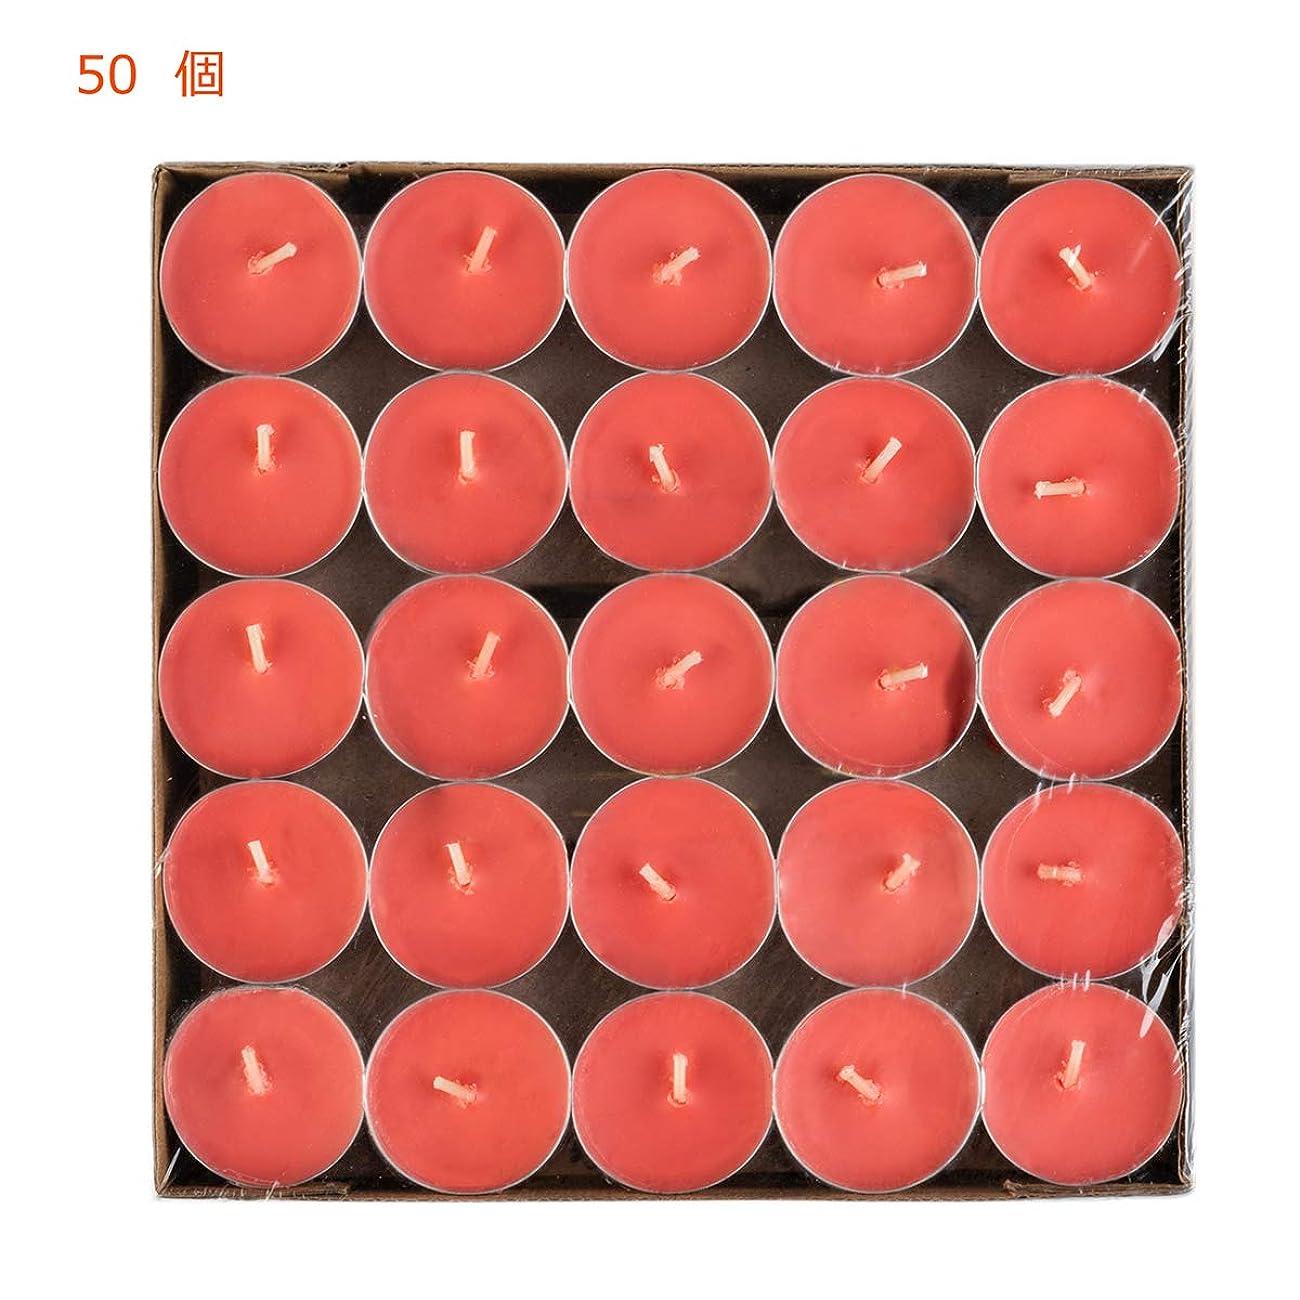 バンドル細分化する引用Hwagui ティーライト キャンドル アロマキャンドル ろうそく おしゃれ 蝋燭 ロウソク ロマンチック 赤 50個 4時間